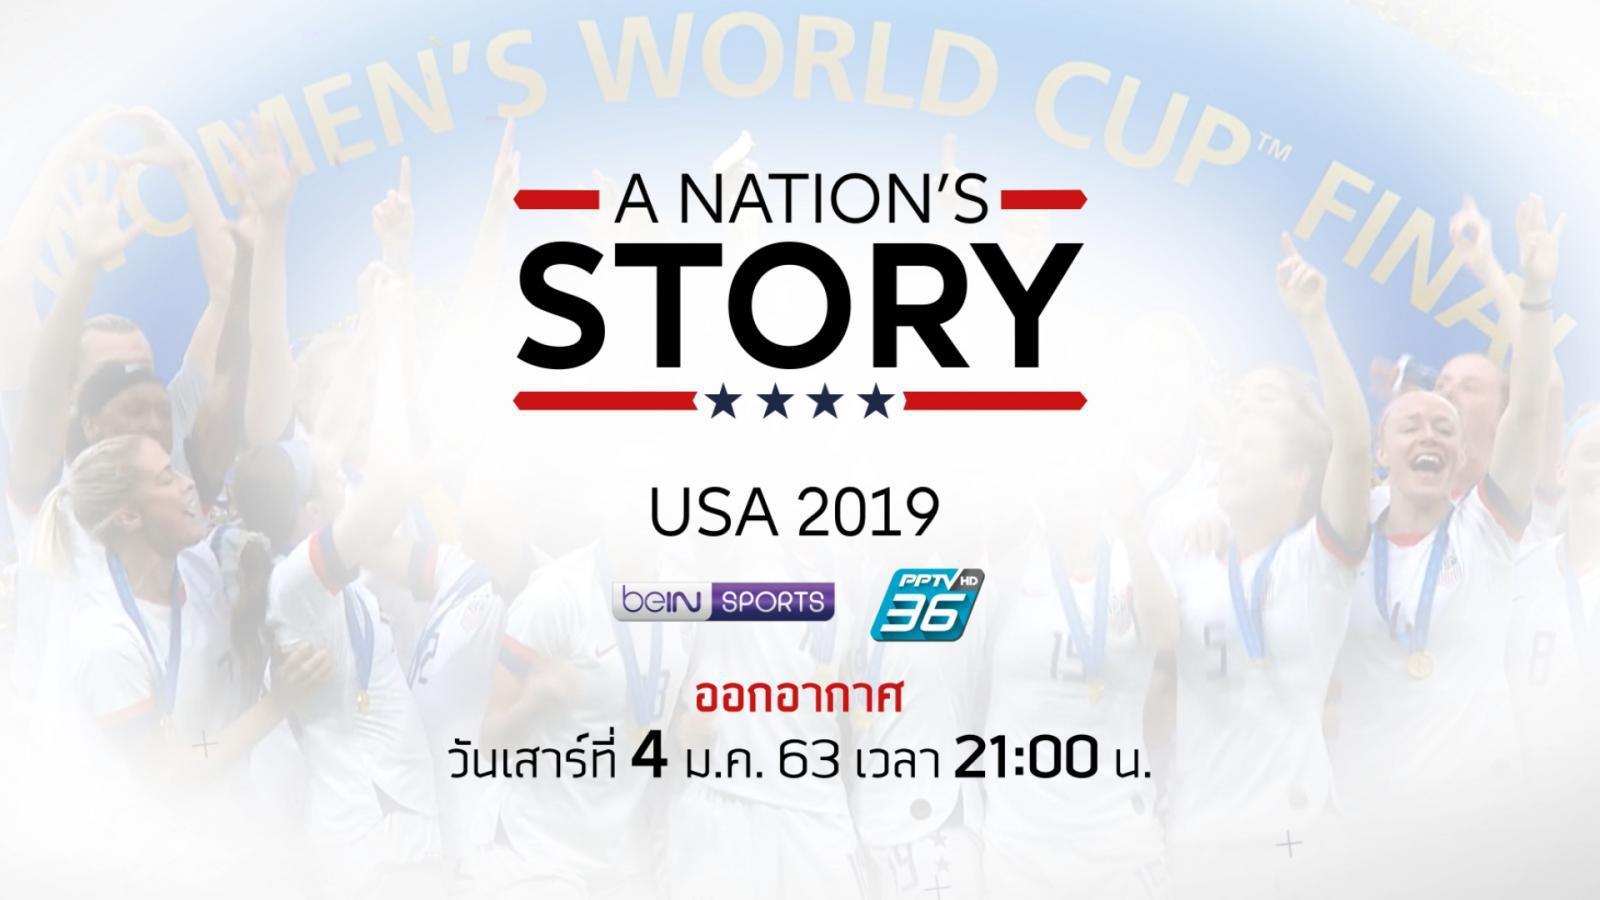 A NATION'S STORY : USA 2019